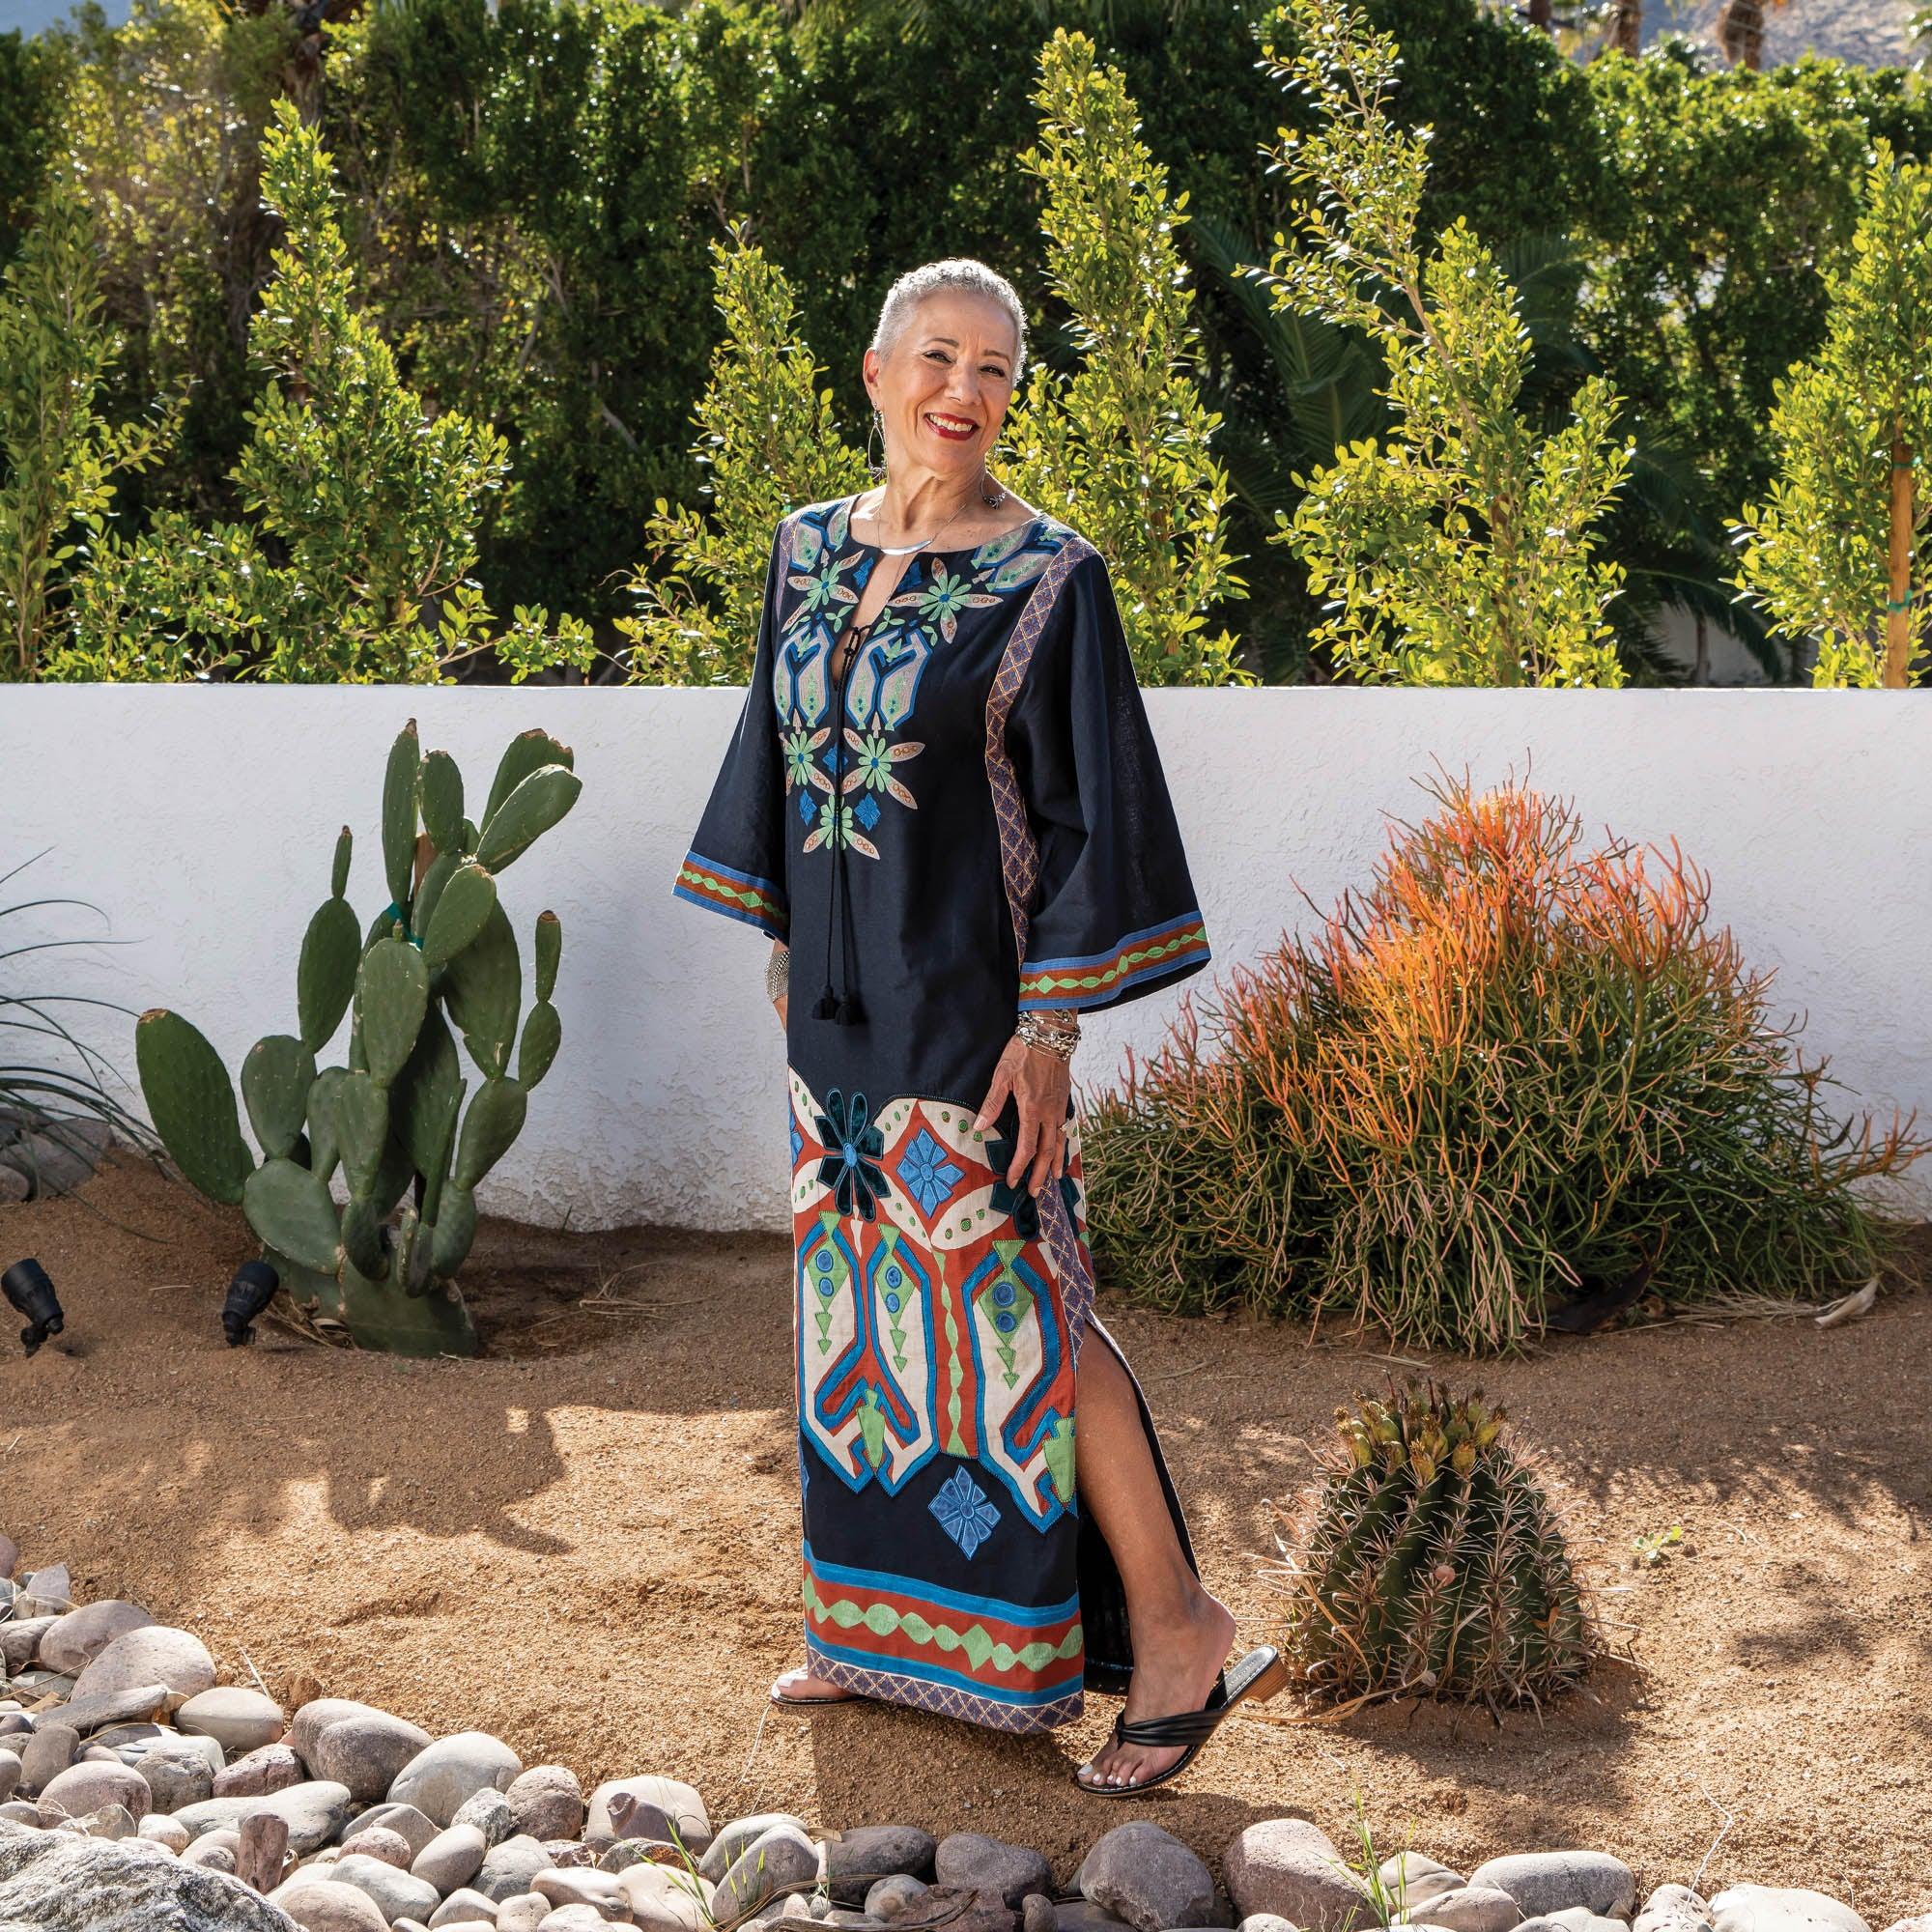 Gail Parker outside in a long dress